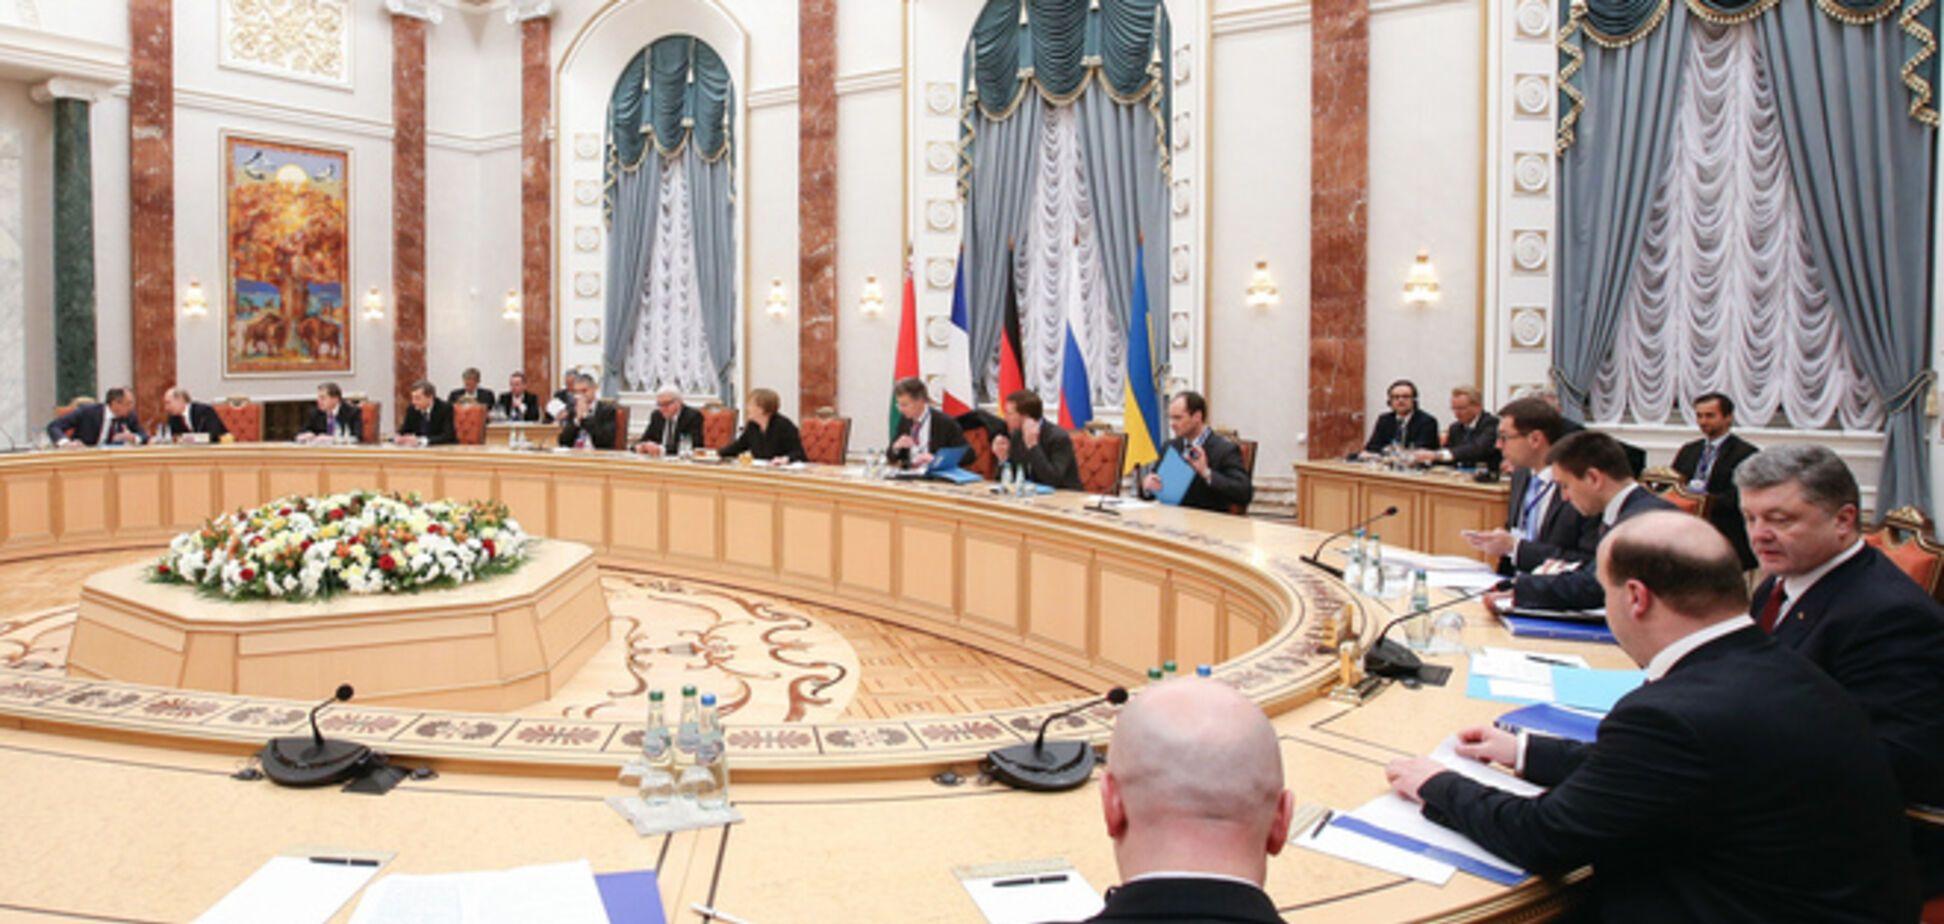 Эксперты о результатах минских переговоров: подпись Путина мало чего стоит